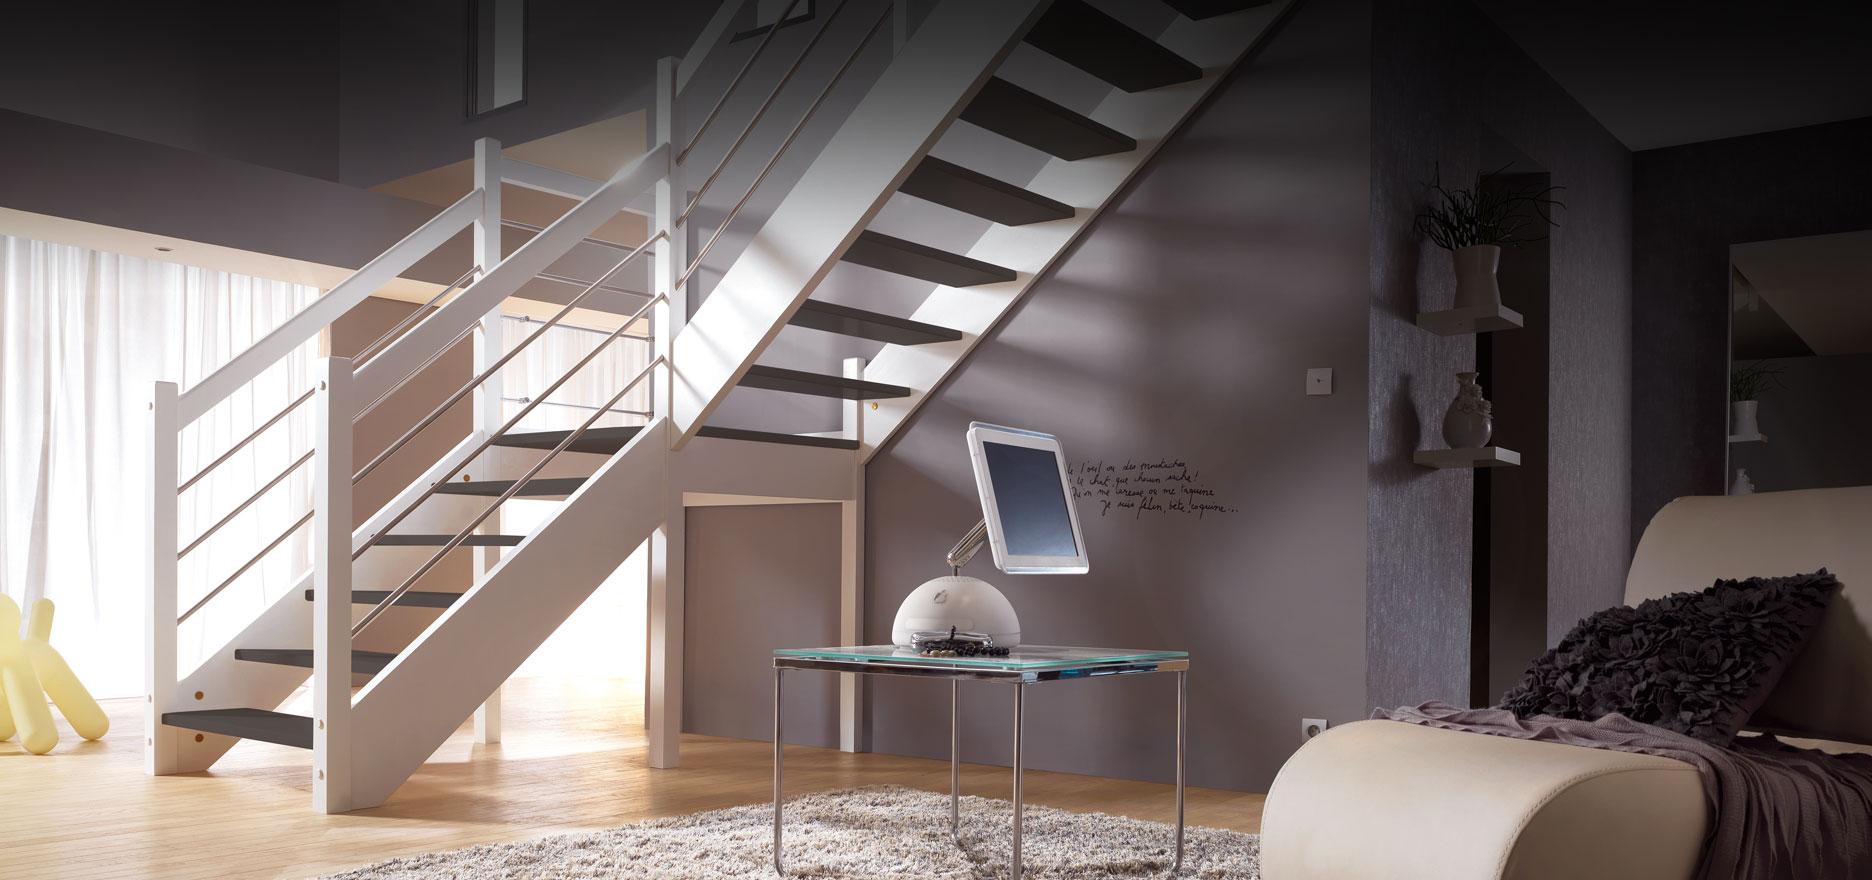 Fabricant D Escalier Bois association des fabricants d'escaliers bois (afeb)